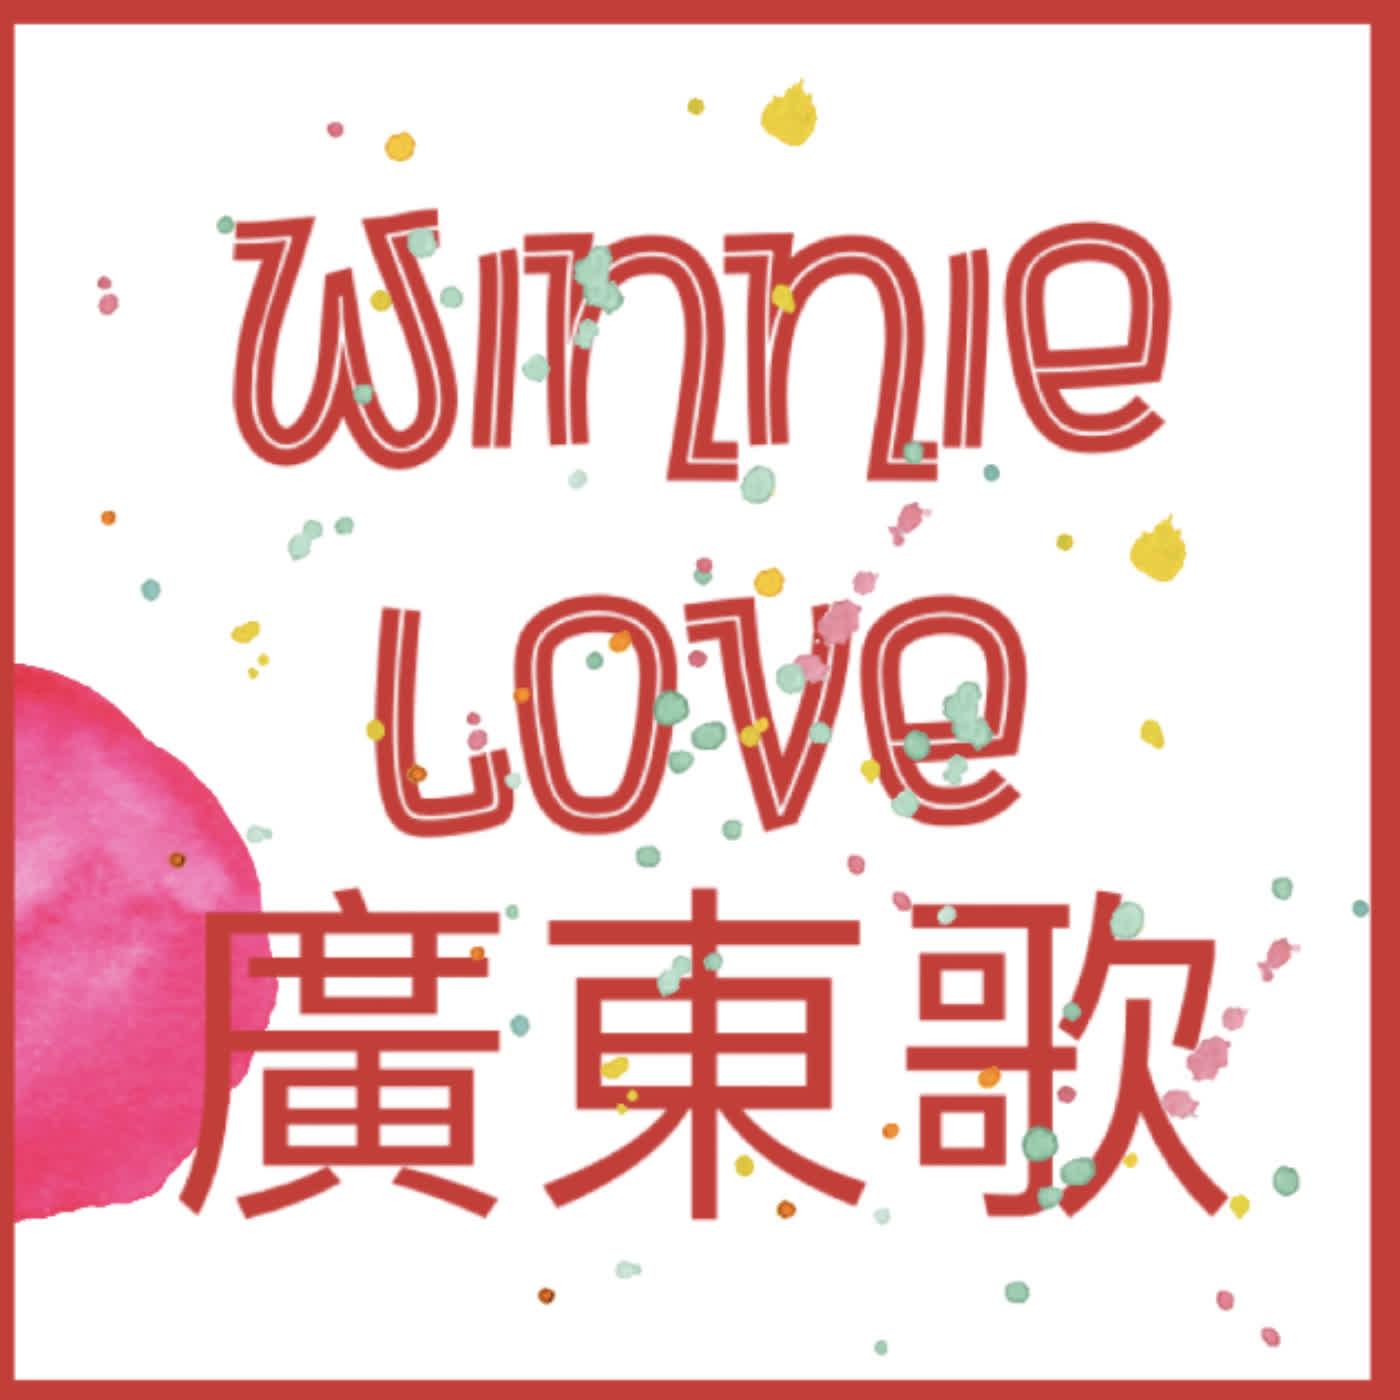 Winnie love 廣東歌